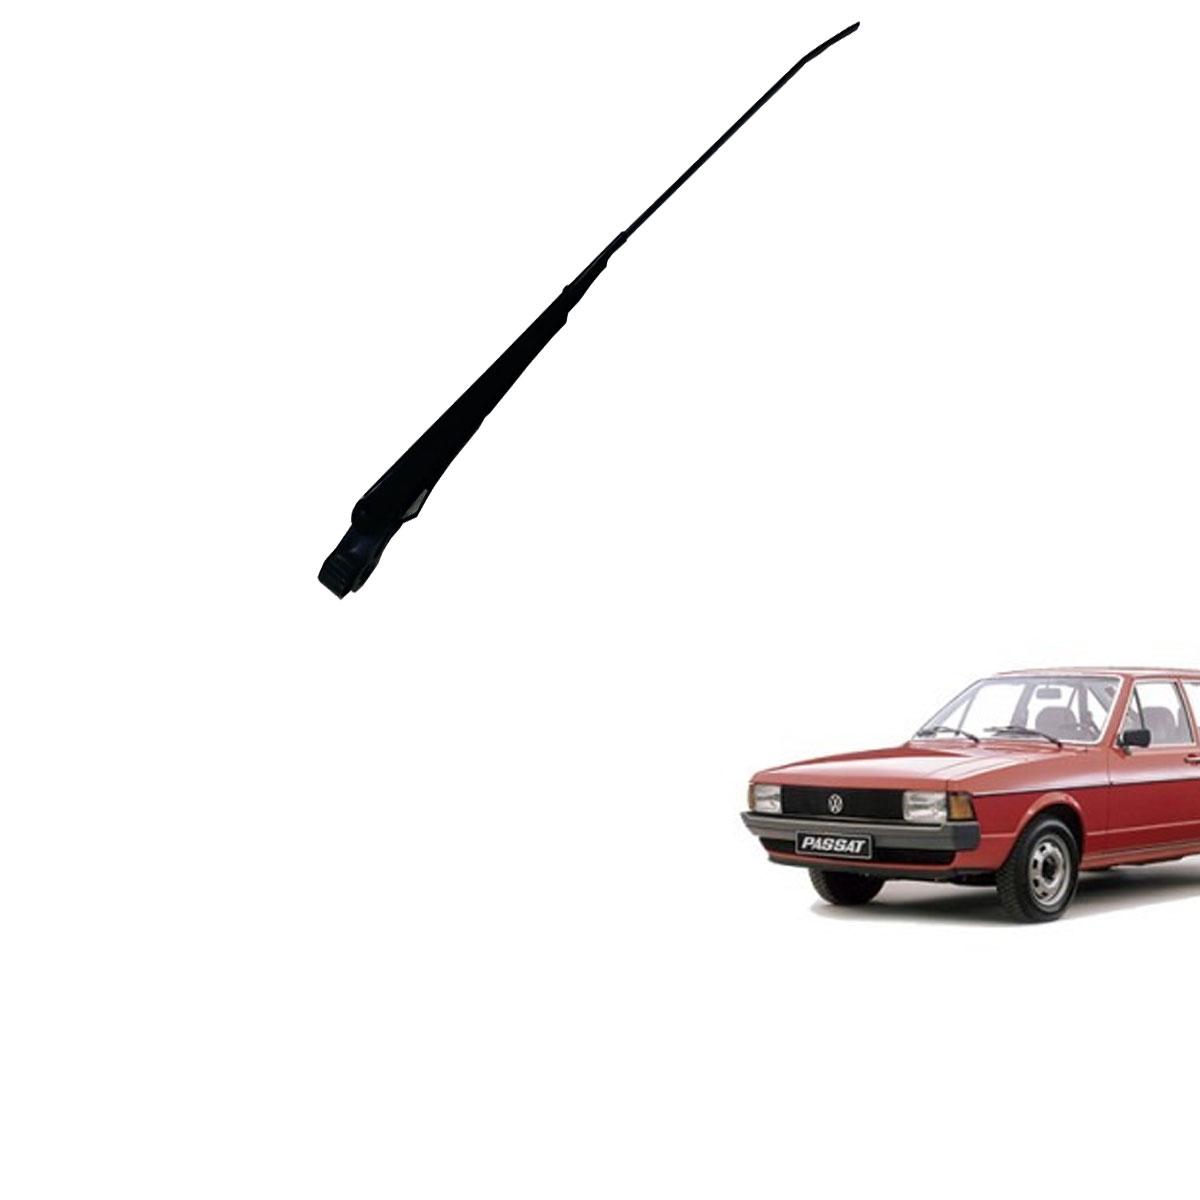 Braço Limpador Passat - 1977 até 1989 (g749) - Graneiro - Pe